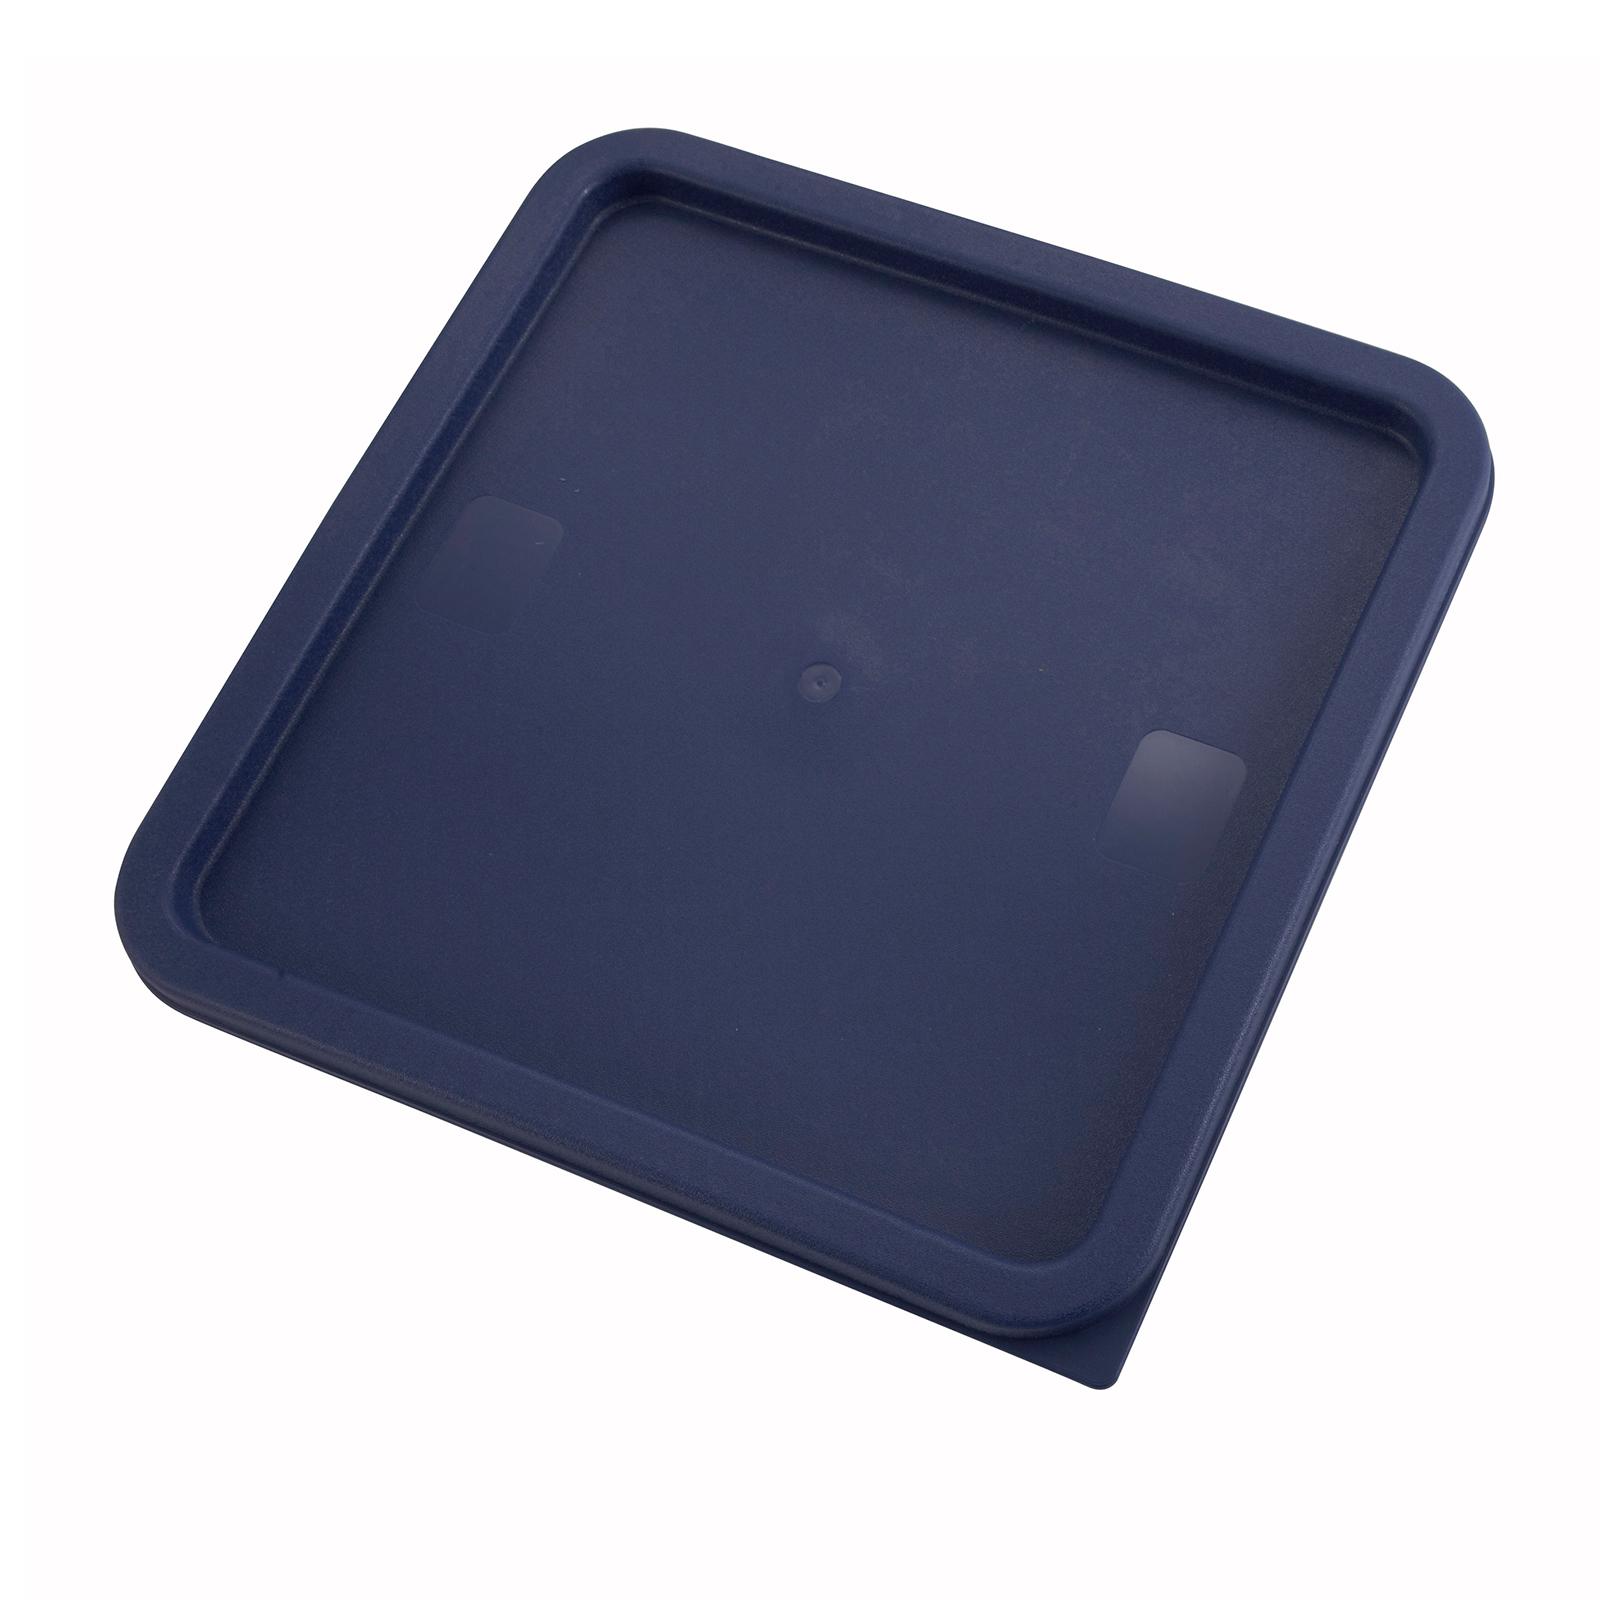 2700-64 Winco PECC-128 food storage container cover